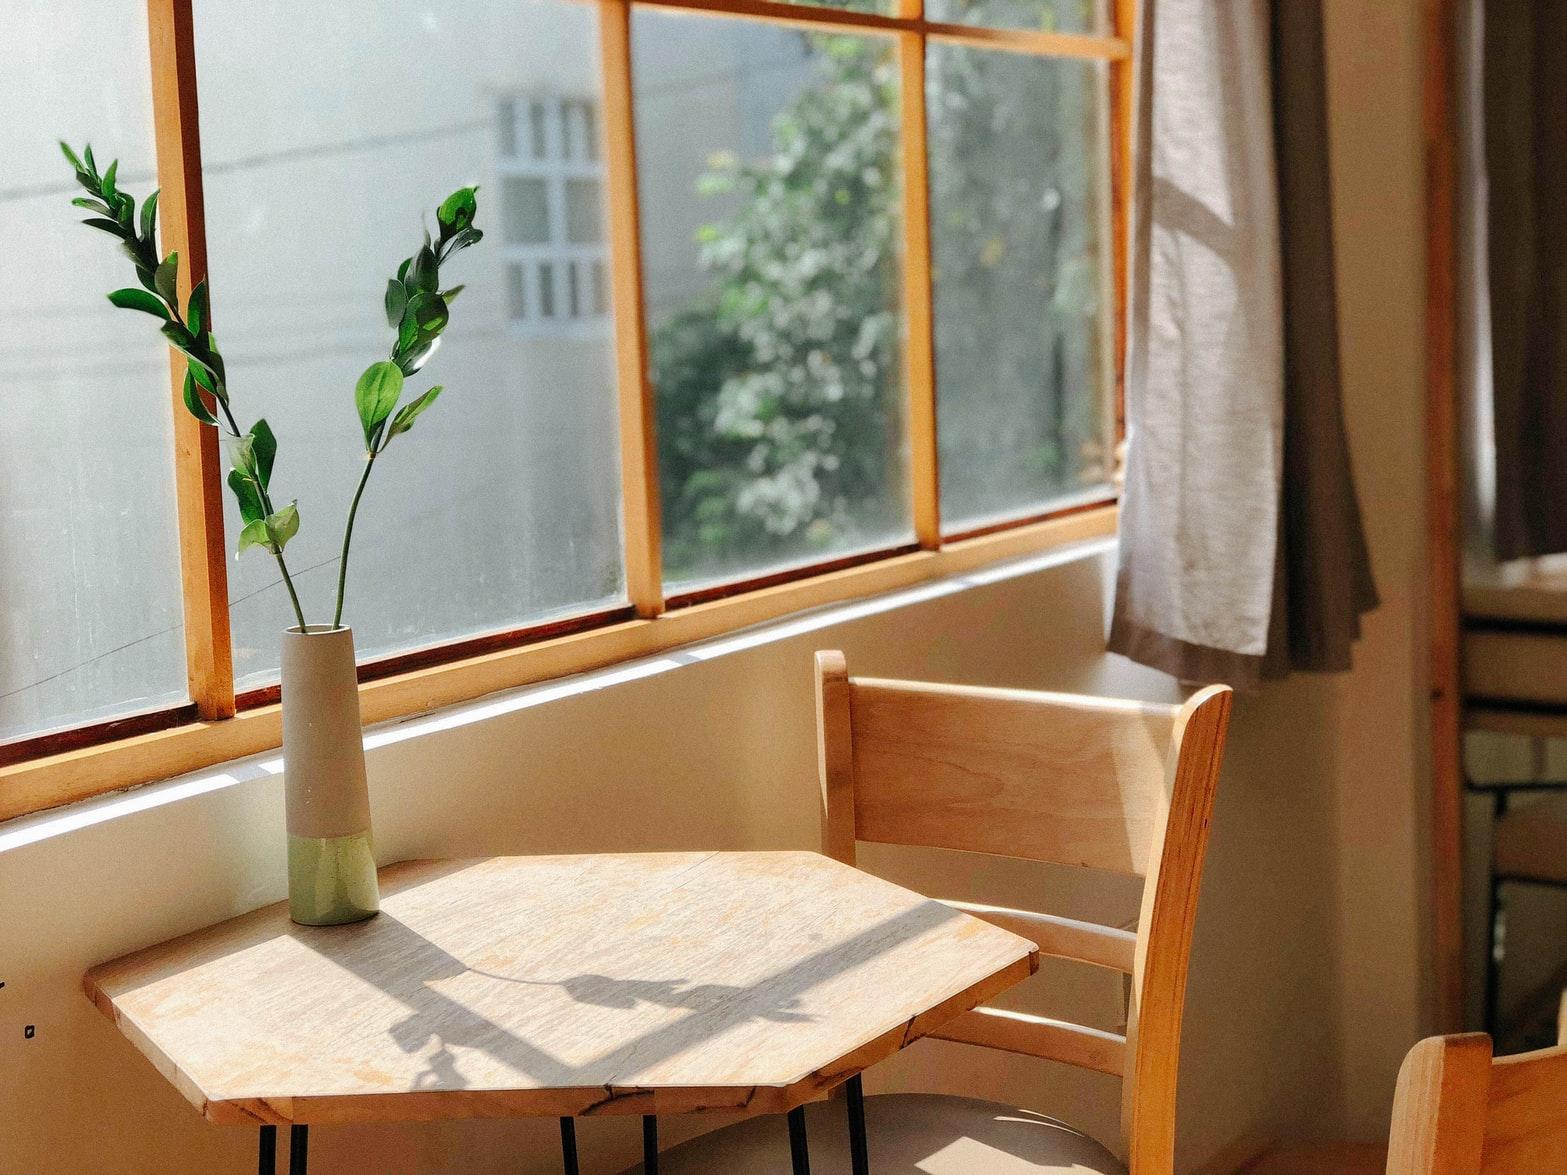 Op deze foto is een plant op een bruin tafeltje te zien.